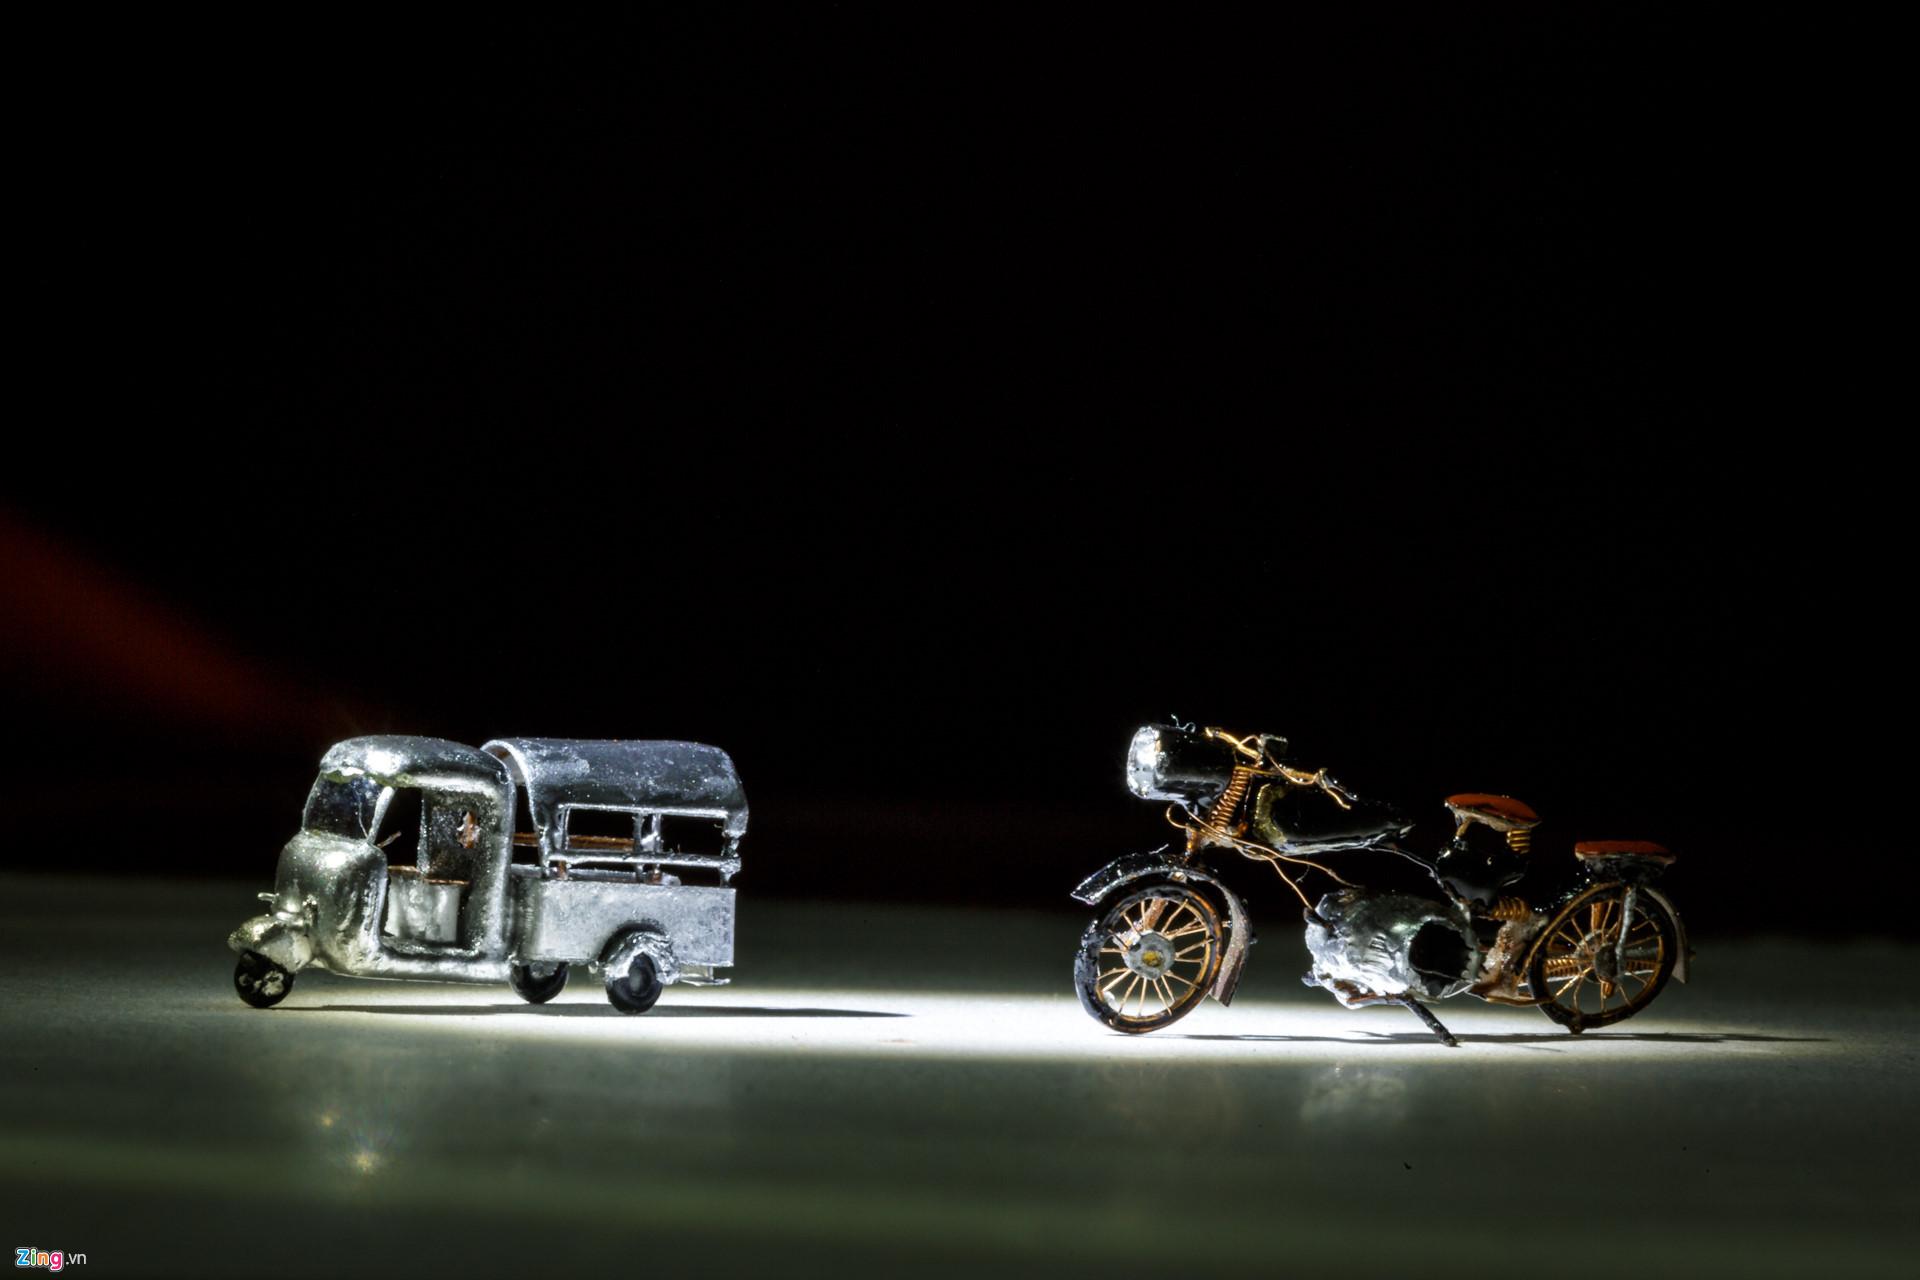 Những mô hình của ông Nam có kích thước từ dưới 1 cm cho đến to nhất là vài cm, đạt tỷ lệ lên đến 1/500 so với kích thước thật. Đặc biệt, có những chiếc xe hiệu BMW hay Harley Davidson được ông chào hàng cho chính công ty mẹ và được các hãng này mua về để triển lãm.